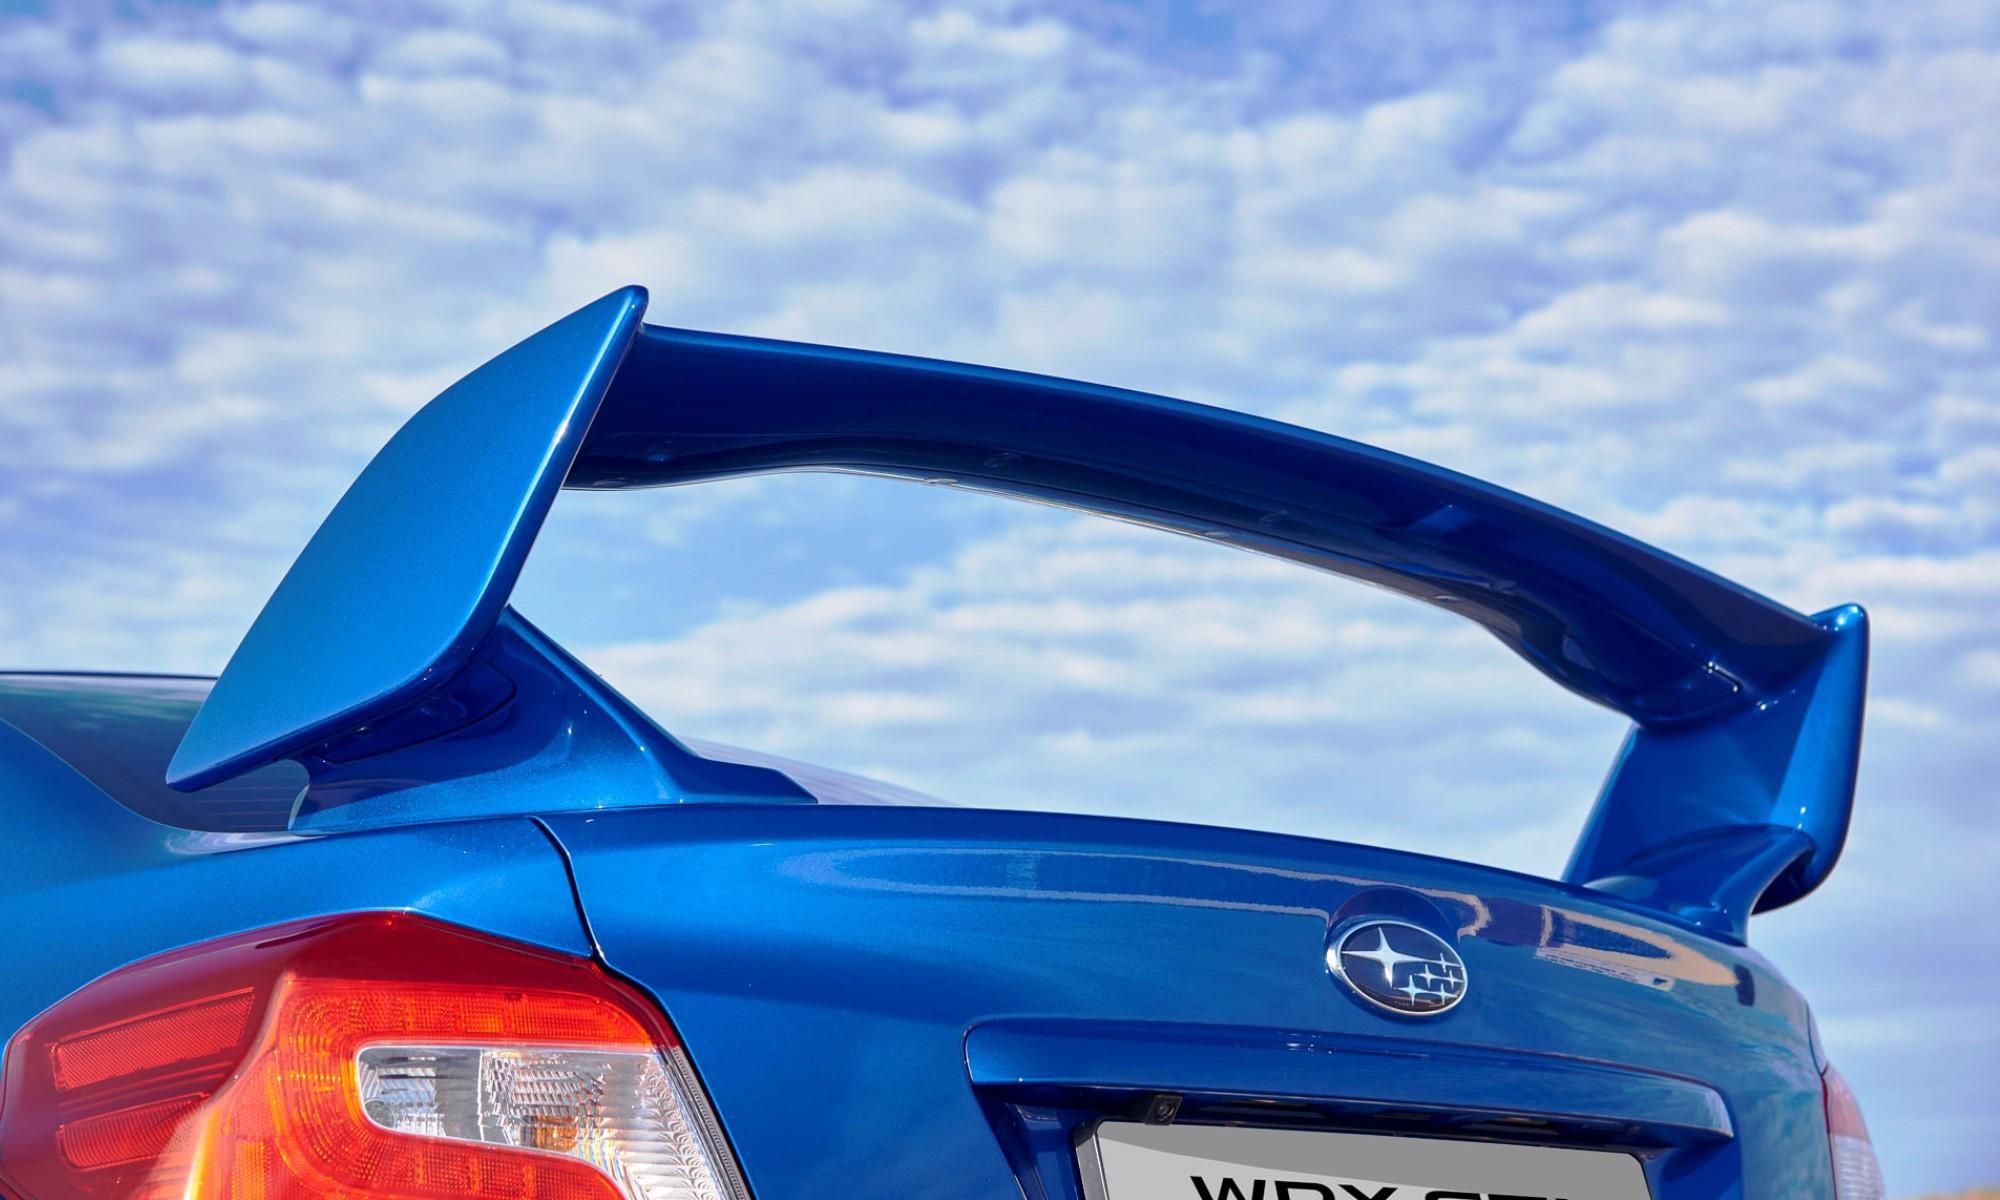 Subaru WRX STi Diamond Edition30 wing